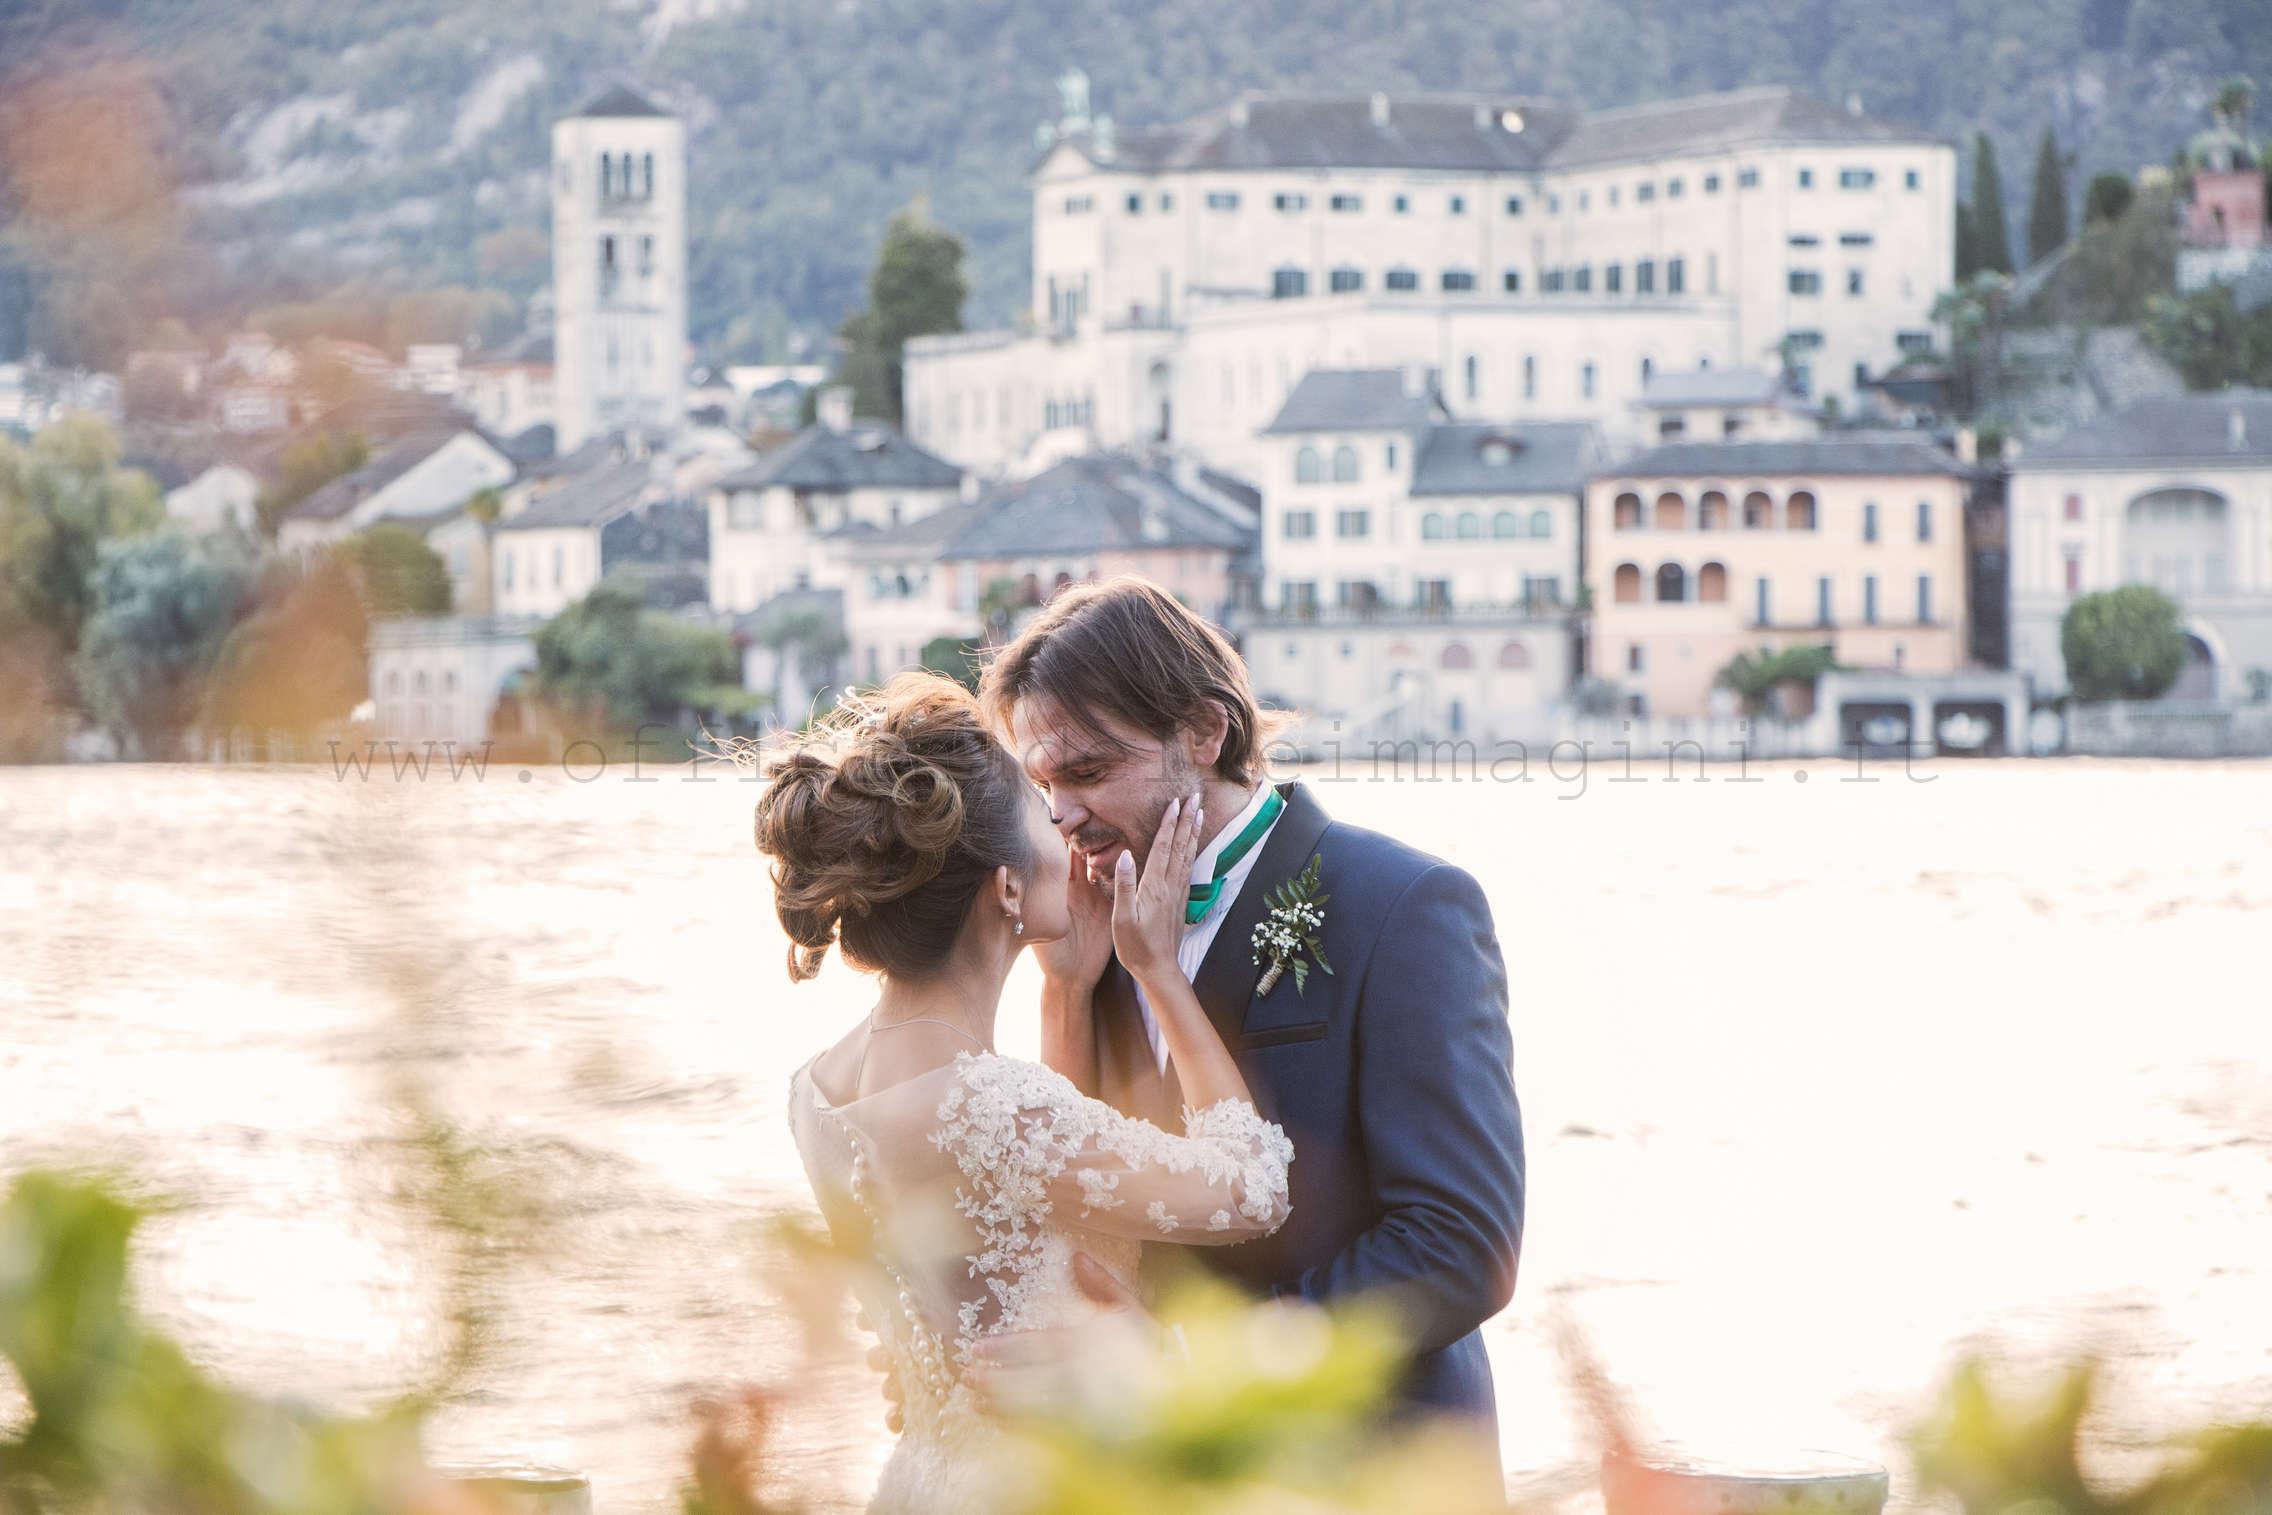 Orta S.Giulio di sfondo al matrimonio internazionale tra Wendy e Riccardo